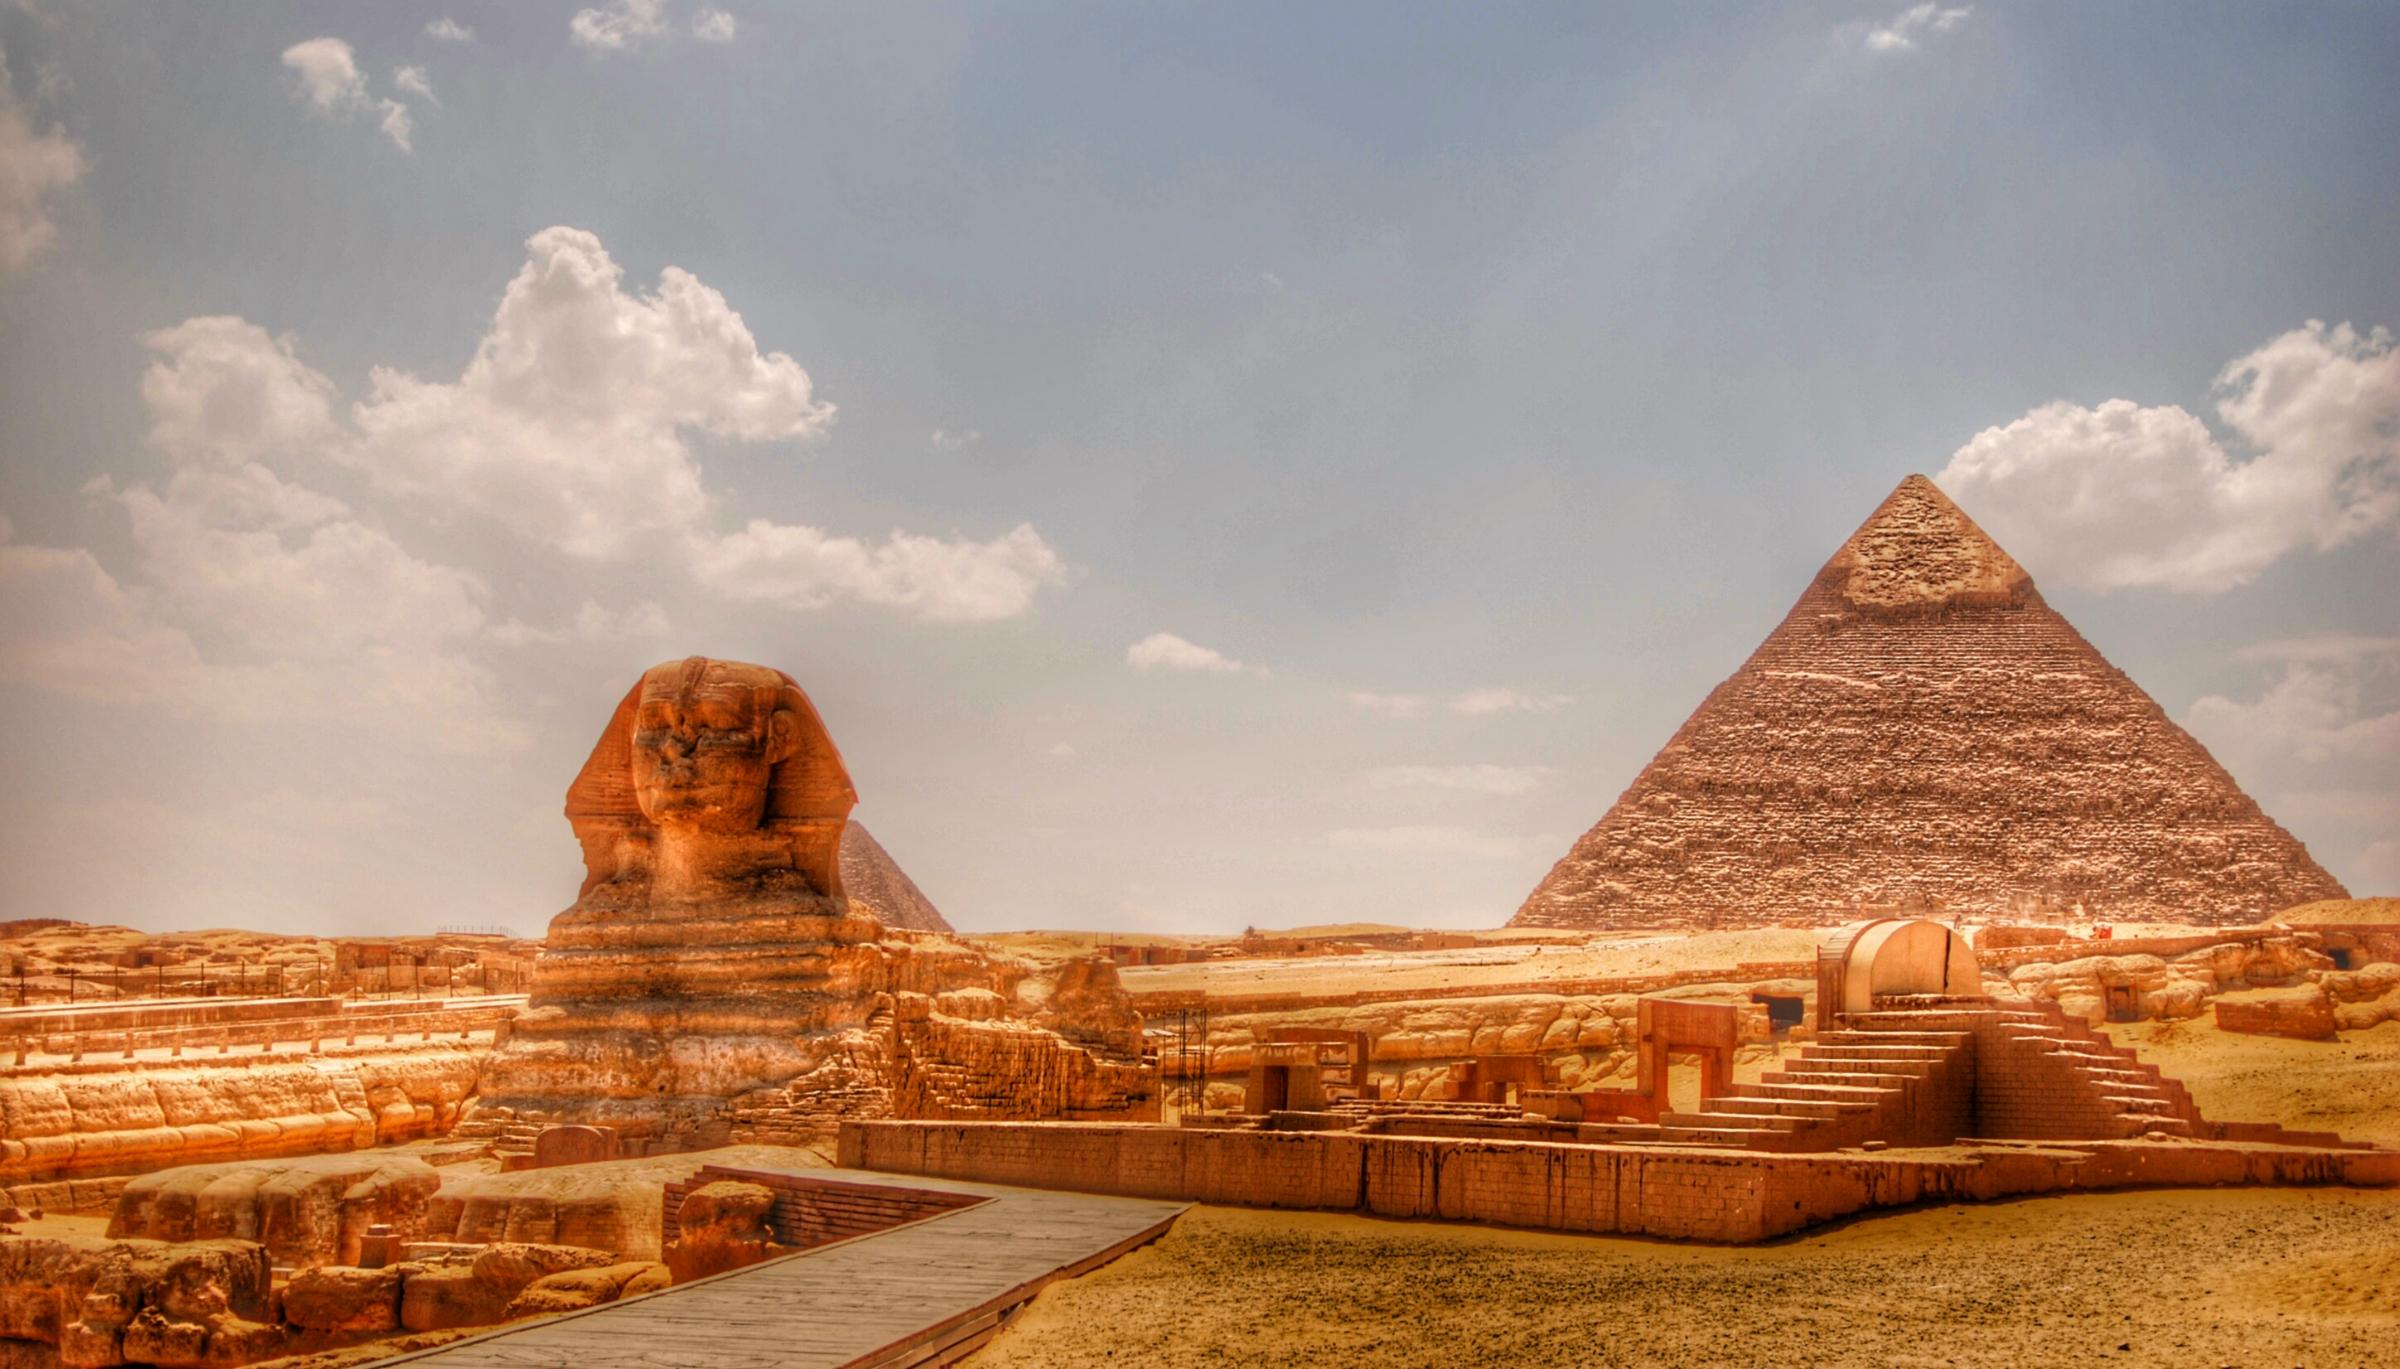 埃及金字塔,狮身人面像